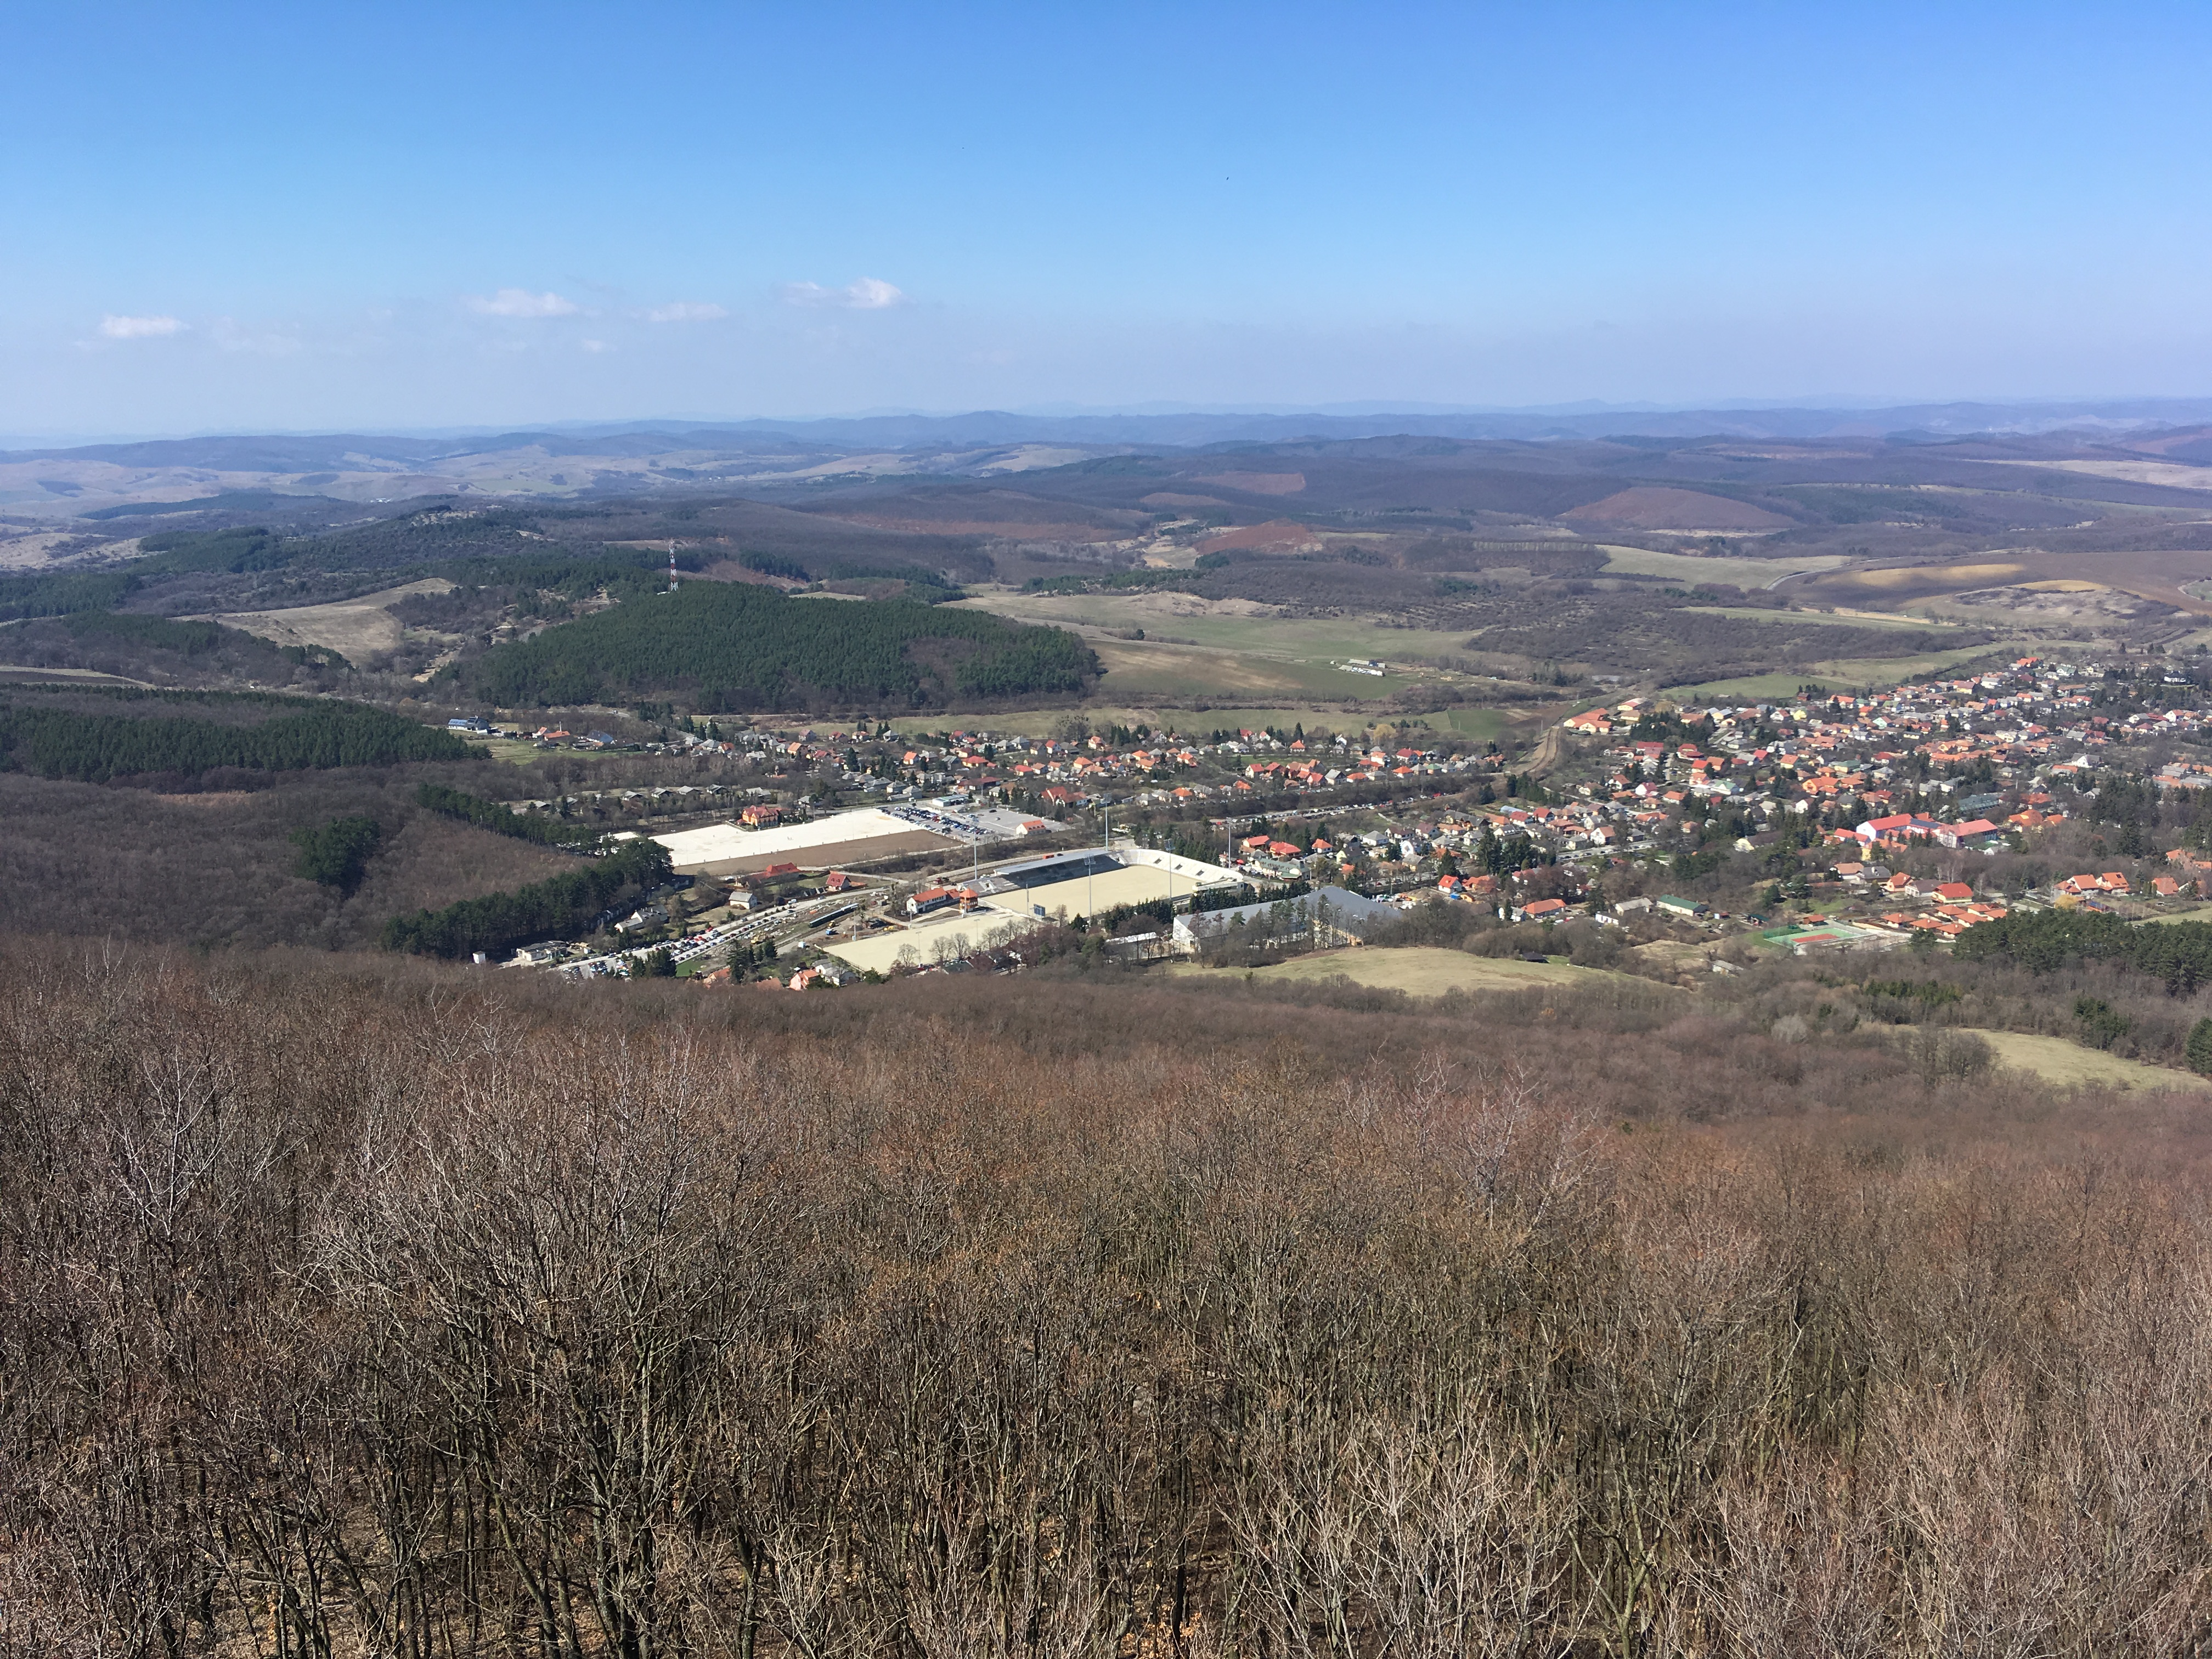 Felülről nézve még elkeserítőbb látványt nyújt Mészáros Lőrinc betontömbje